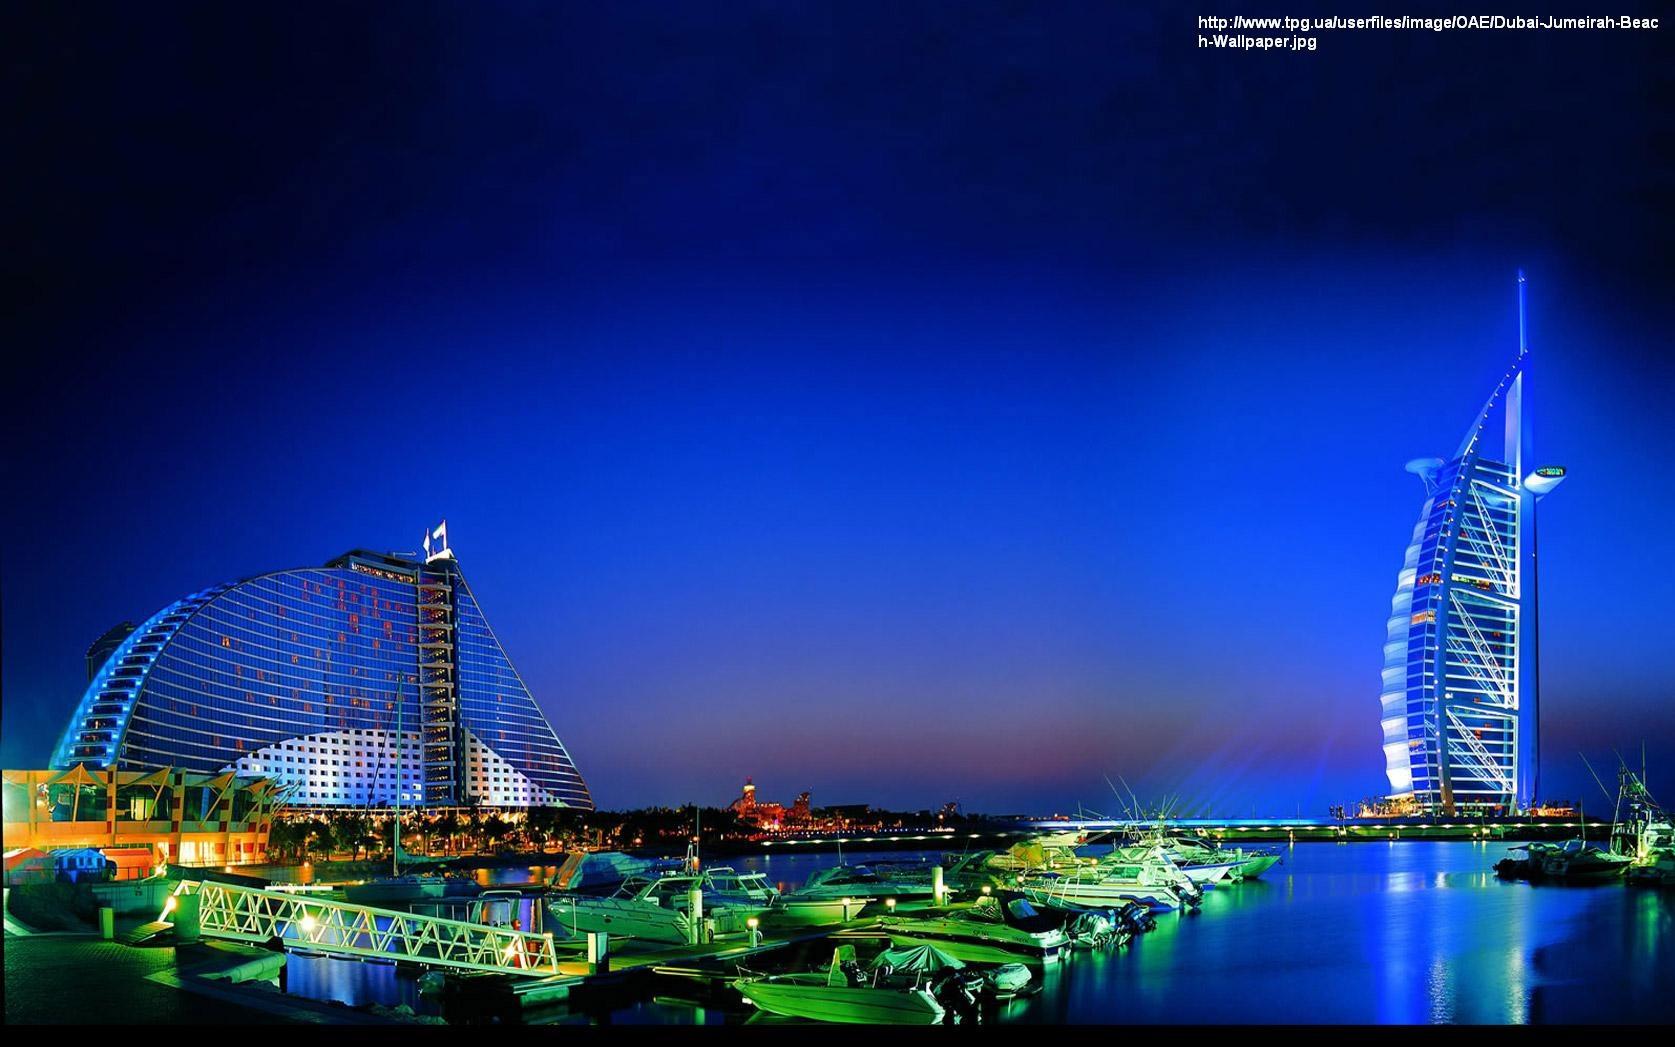 Дубай город мечты песня недвижимость купить в оаэ цены